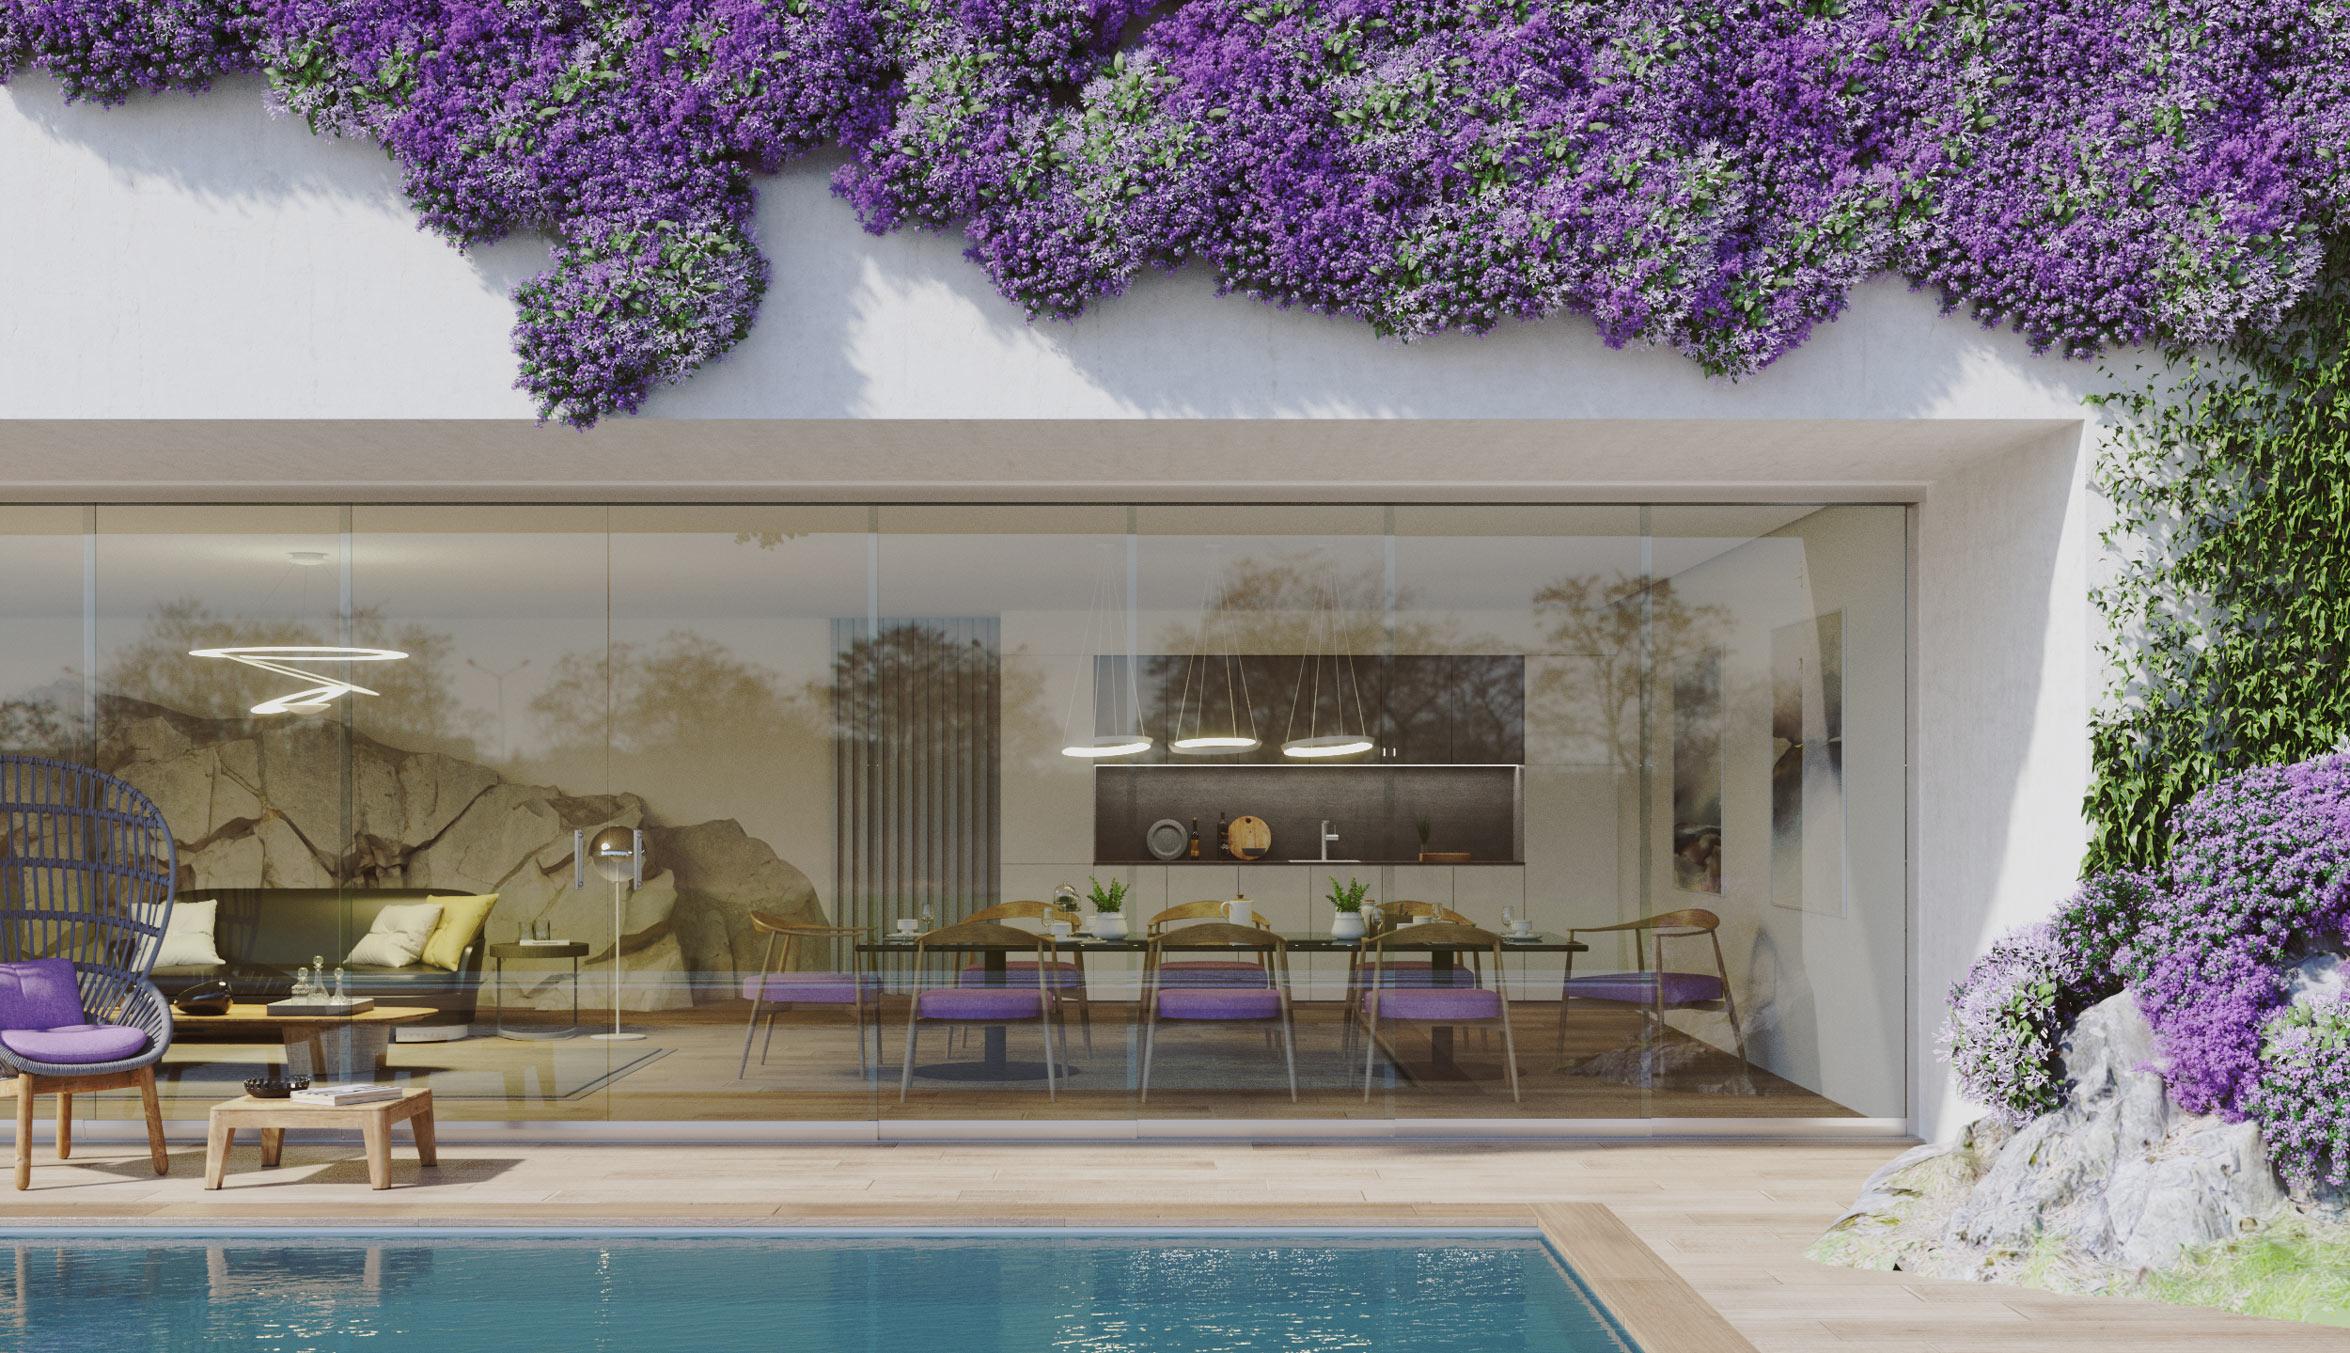 Cortinas de cristal La revolución de tu hogar es transparente